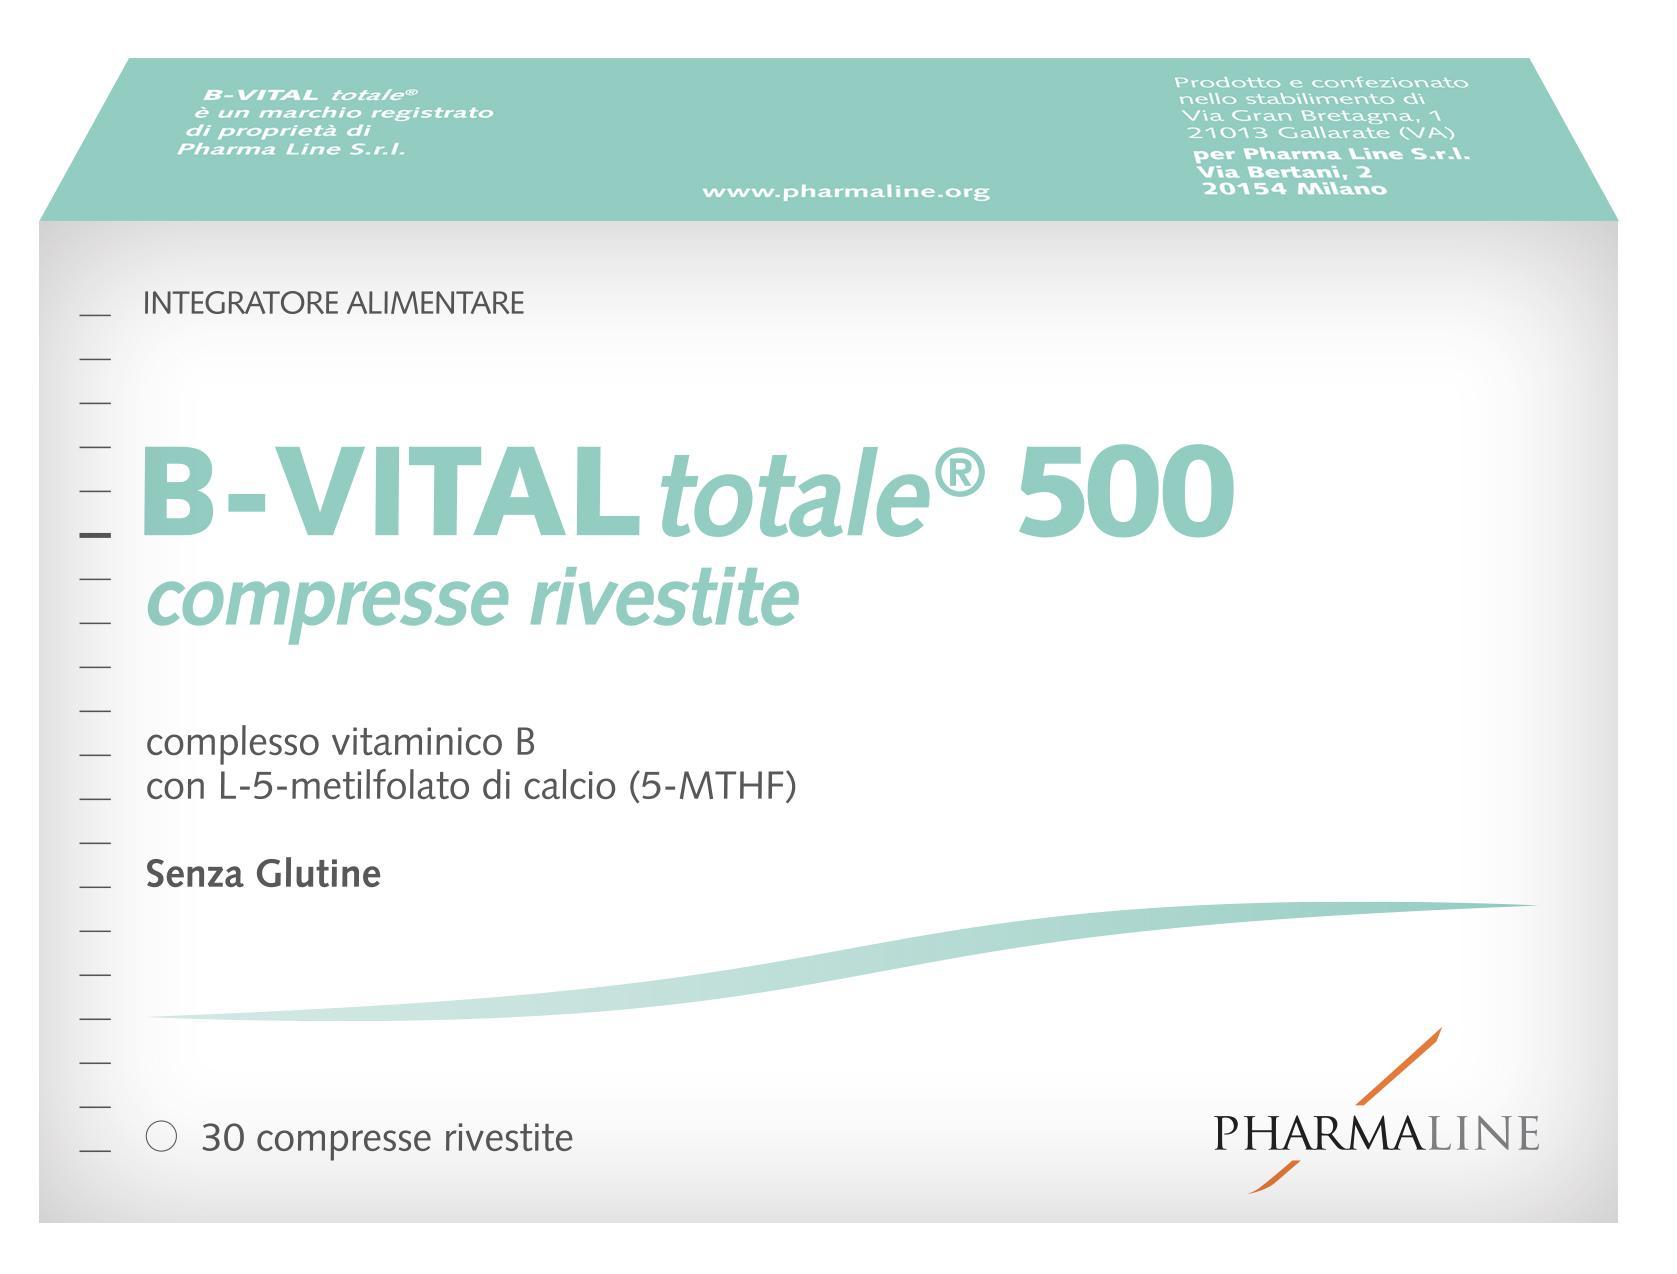 B-VITAL totale®500